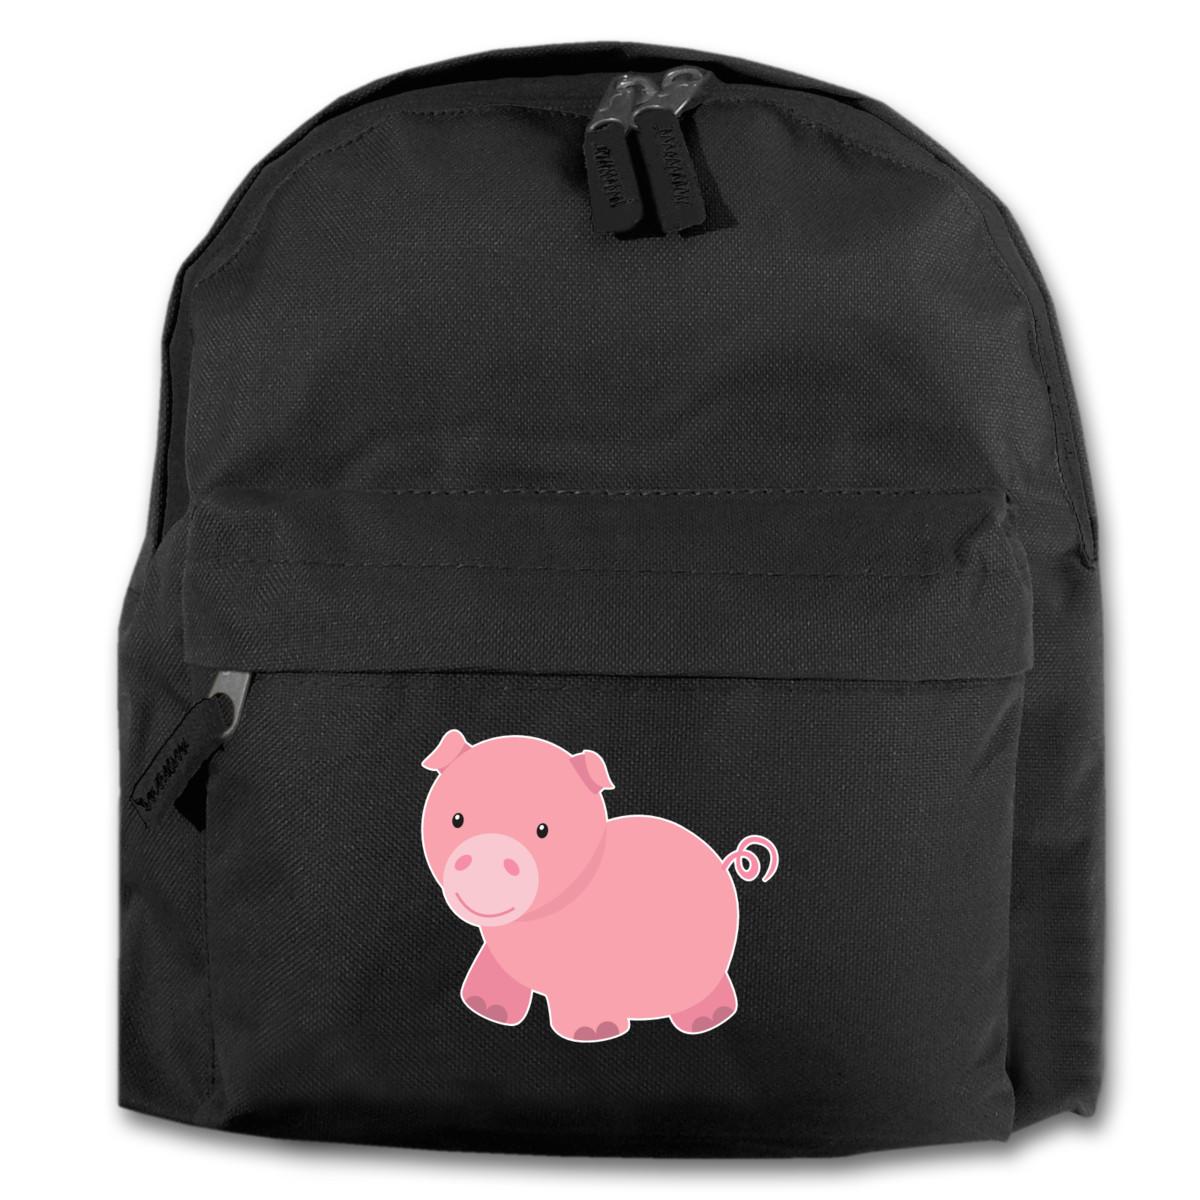 Kinder Rucksack Baby Schweinchen für Schule Freizeit 7 Farben ...